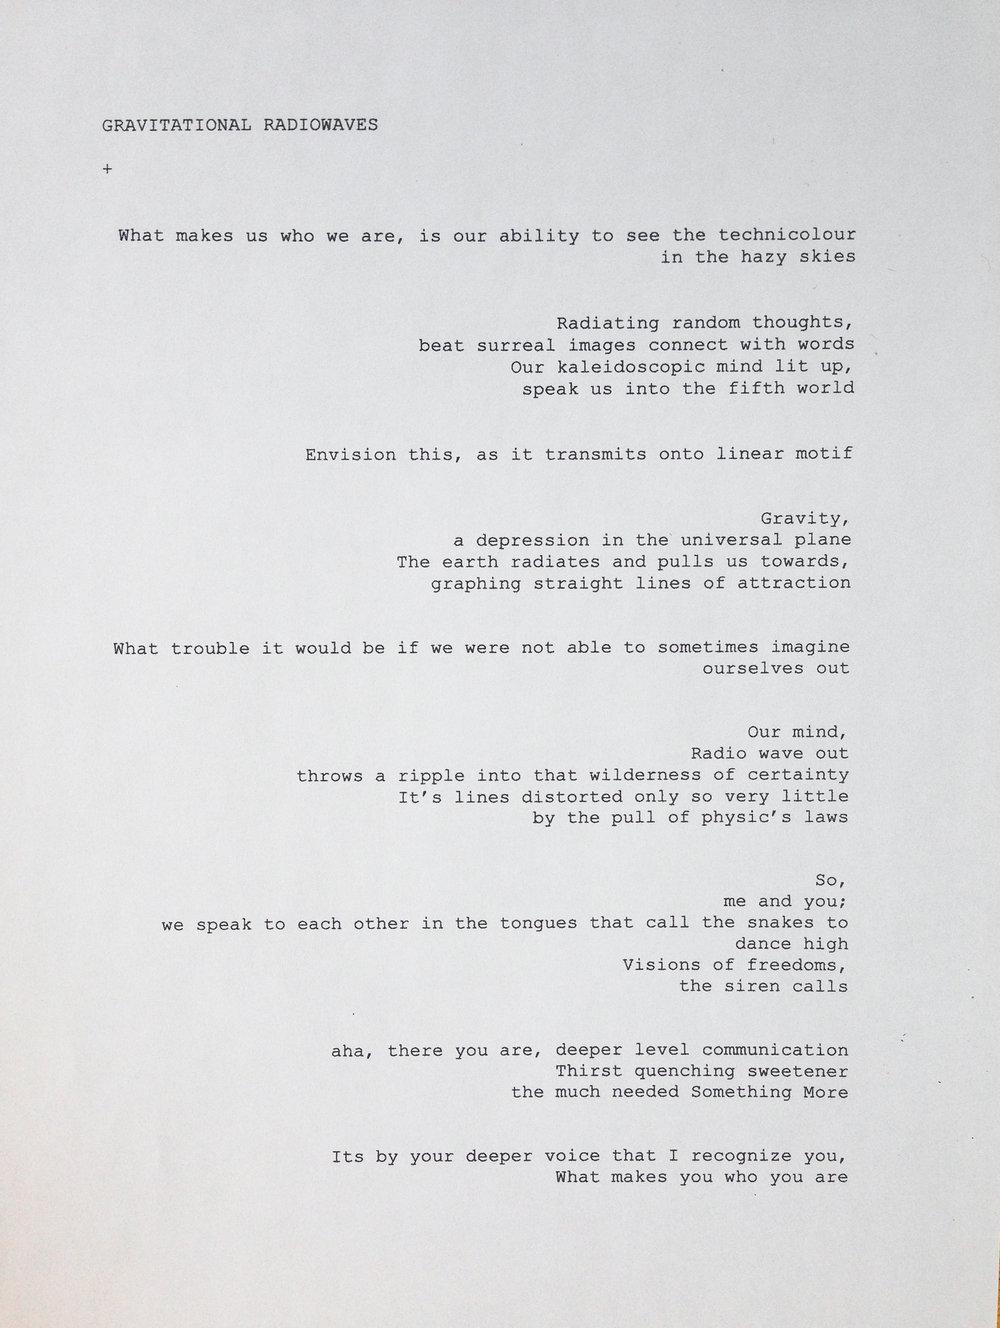 Poem gravitational radiowave.jpg